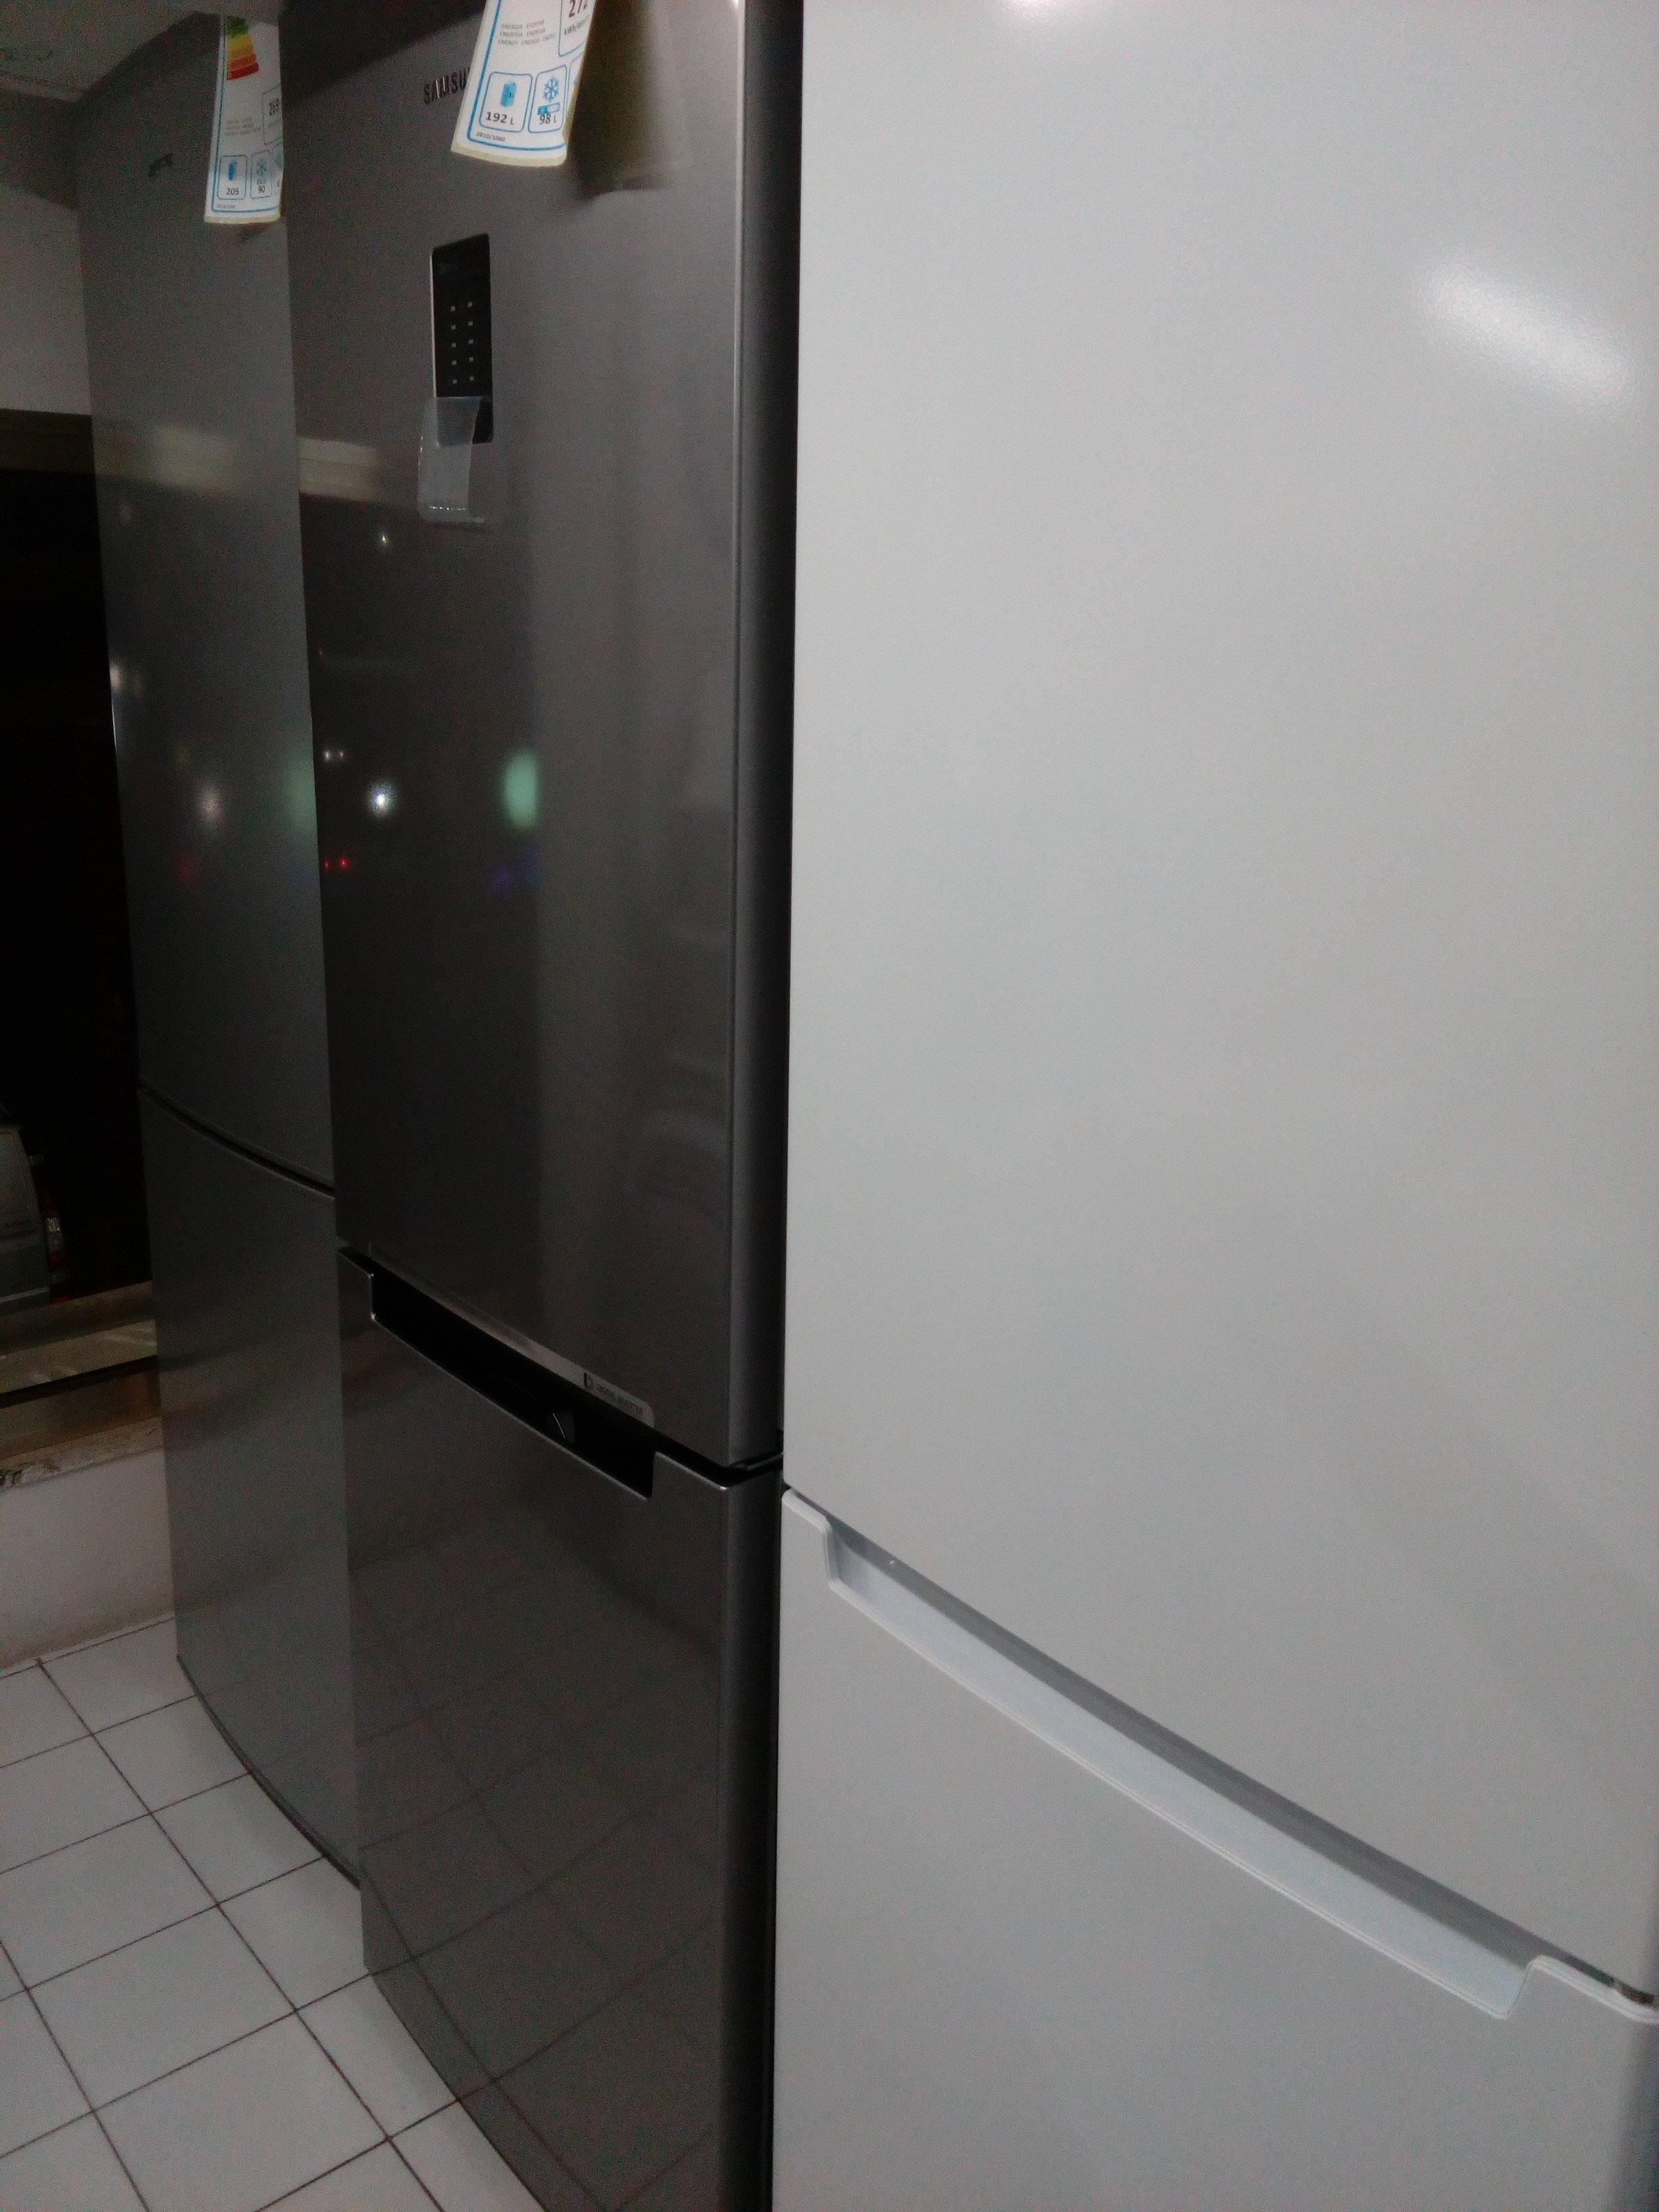 ampia scelta di frigoriferi a Ceriale, SV